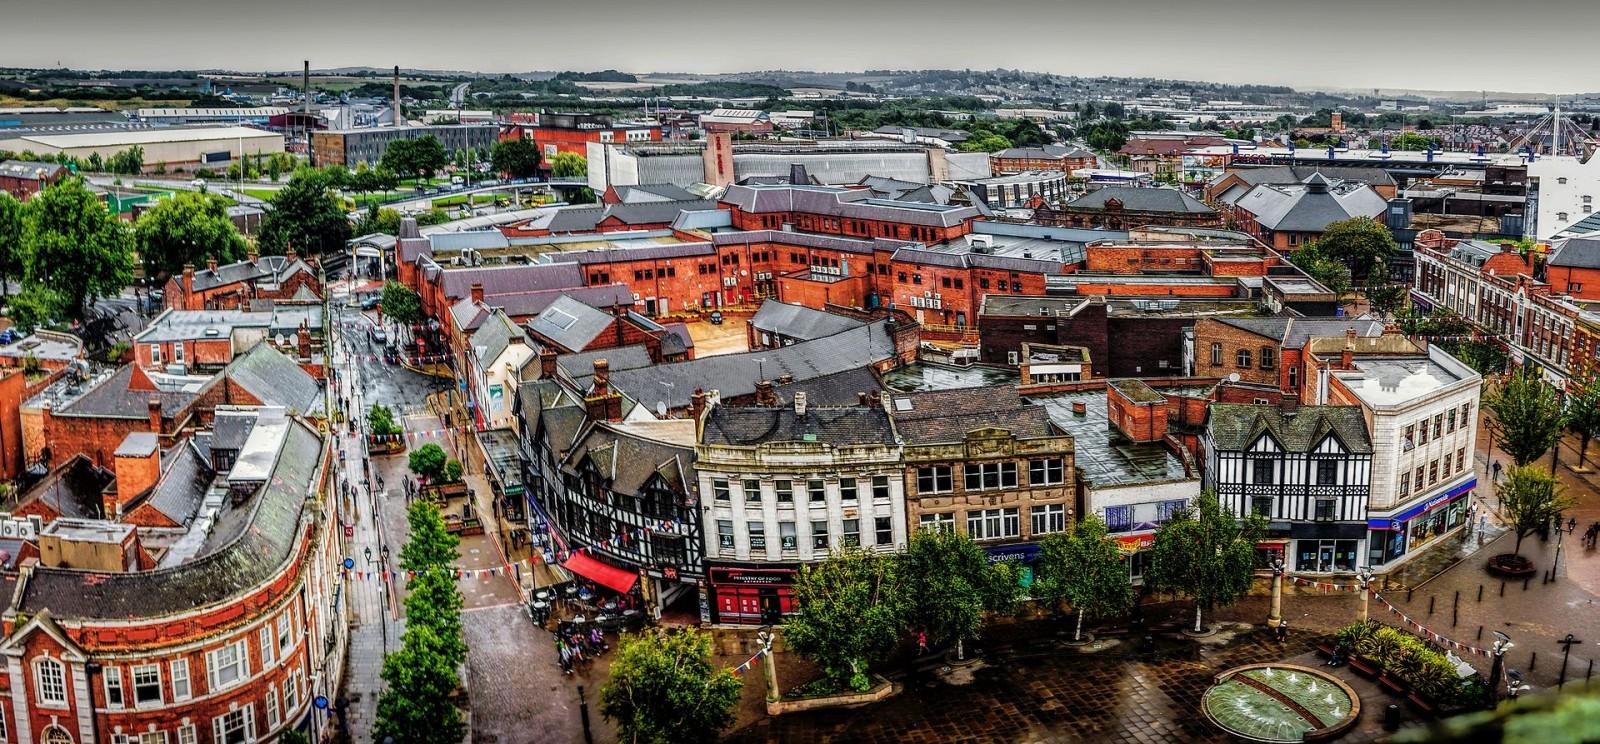 1920px-Rotherham_town_centre,_September_2016.jpg